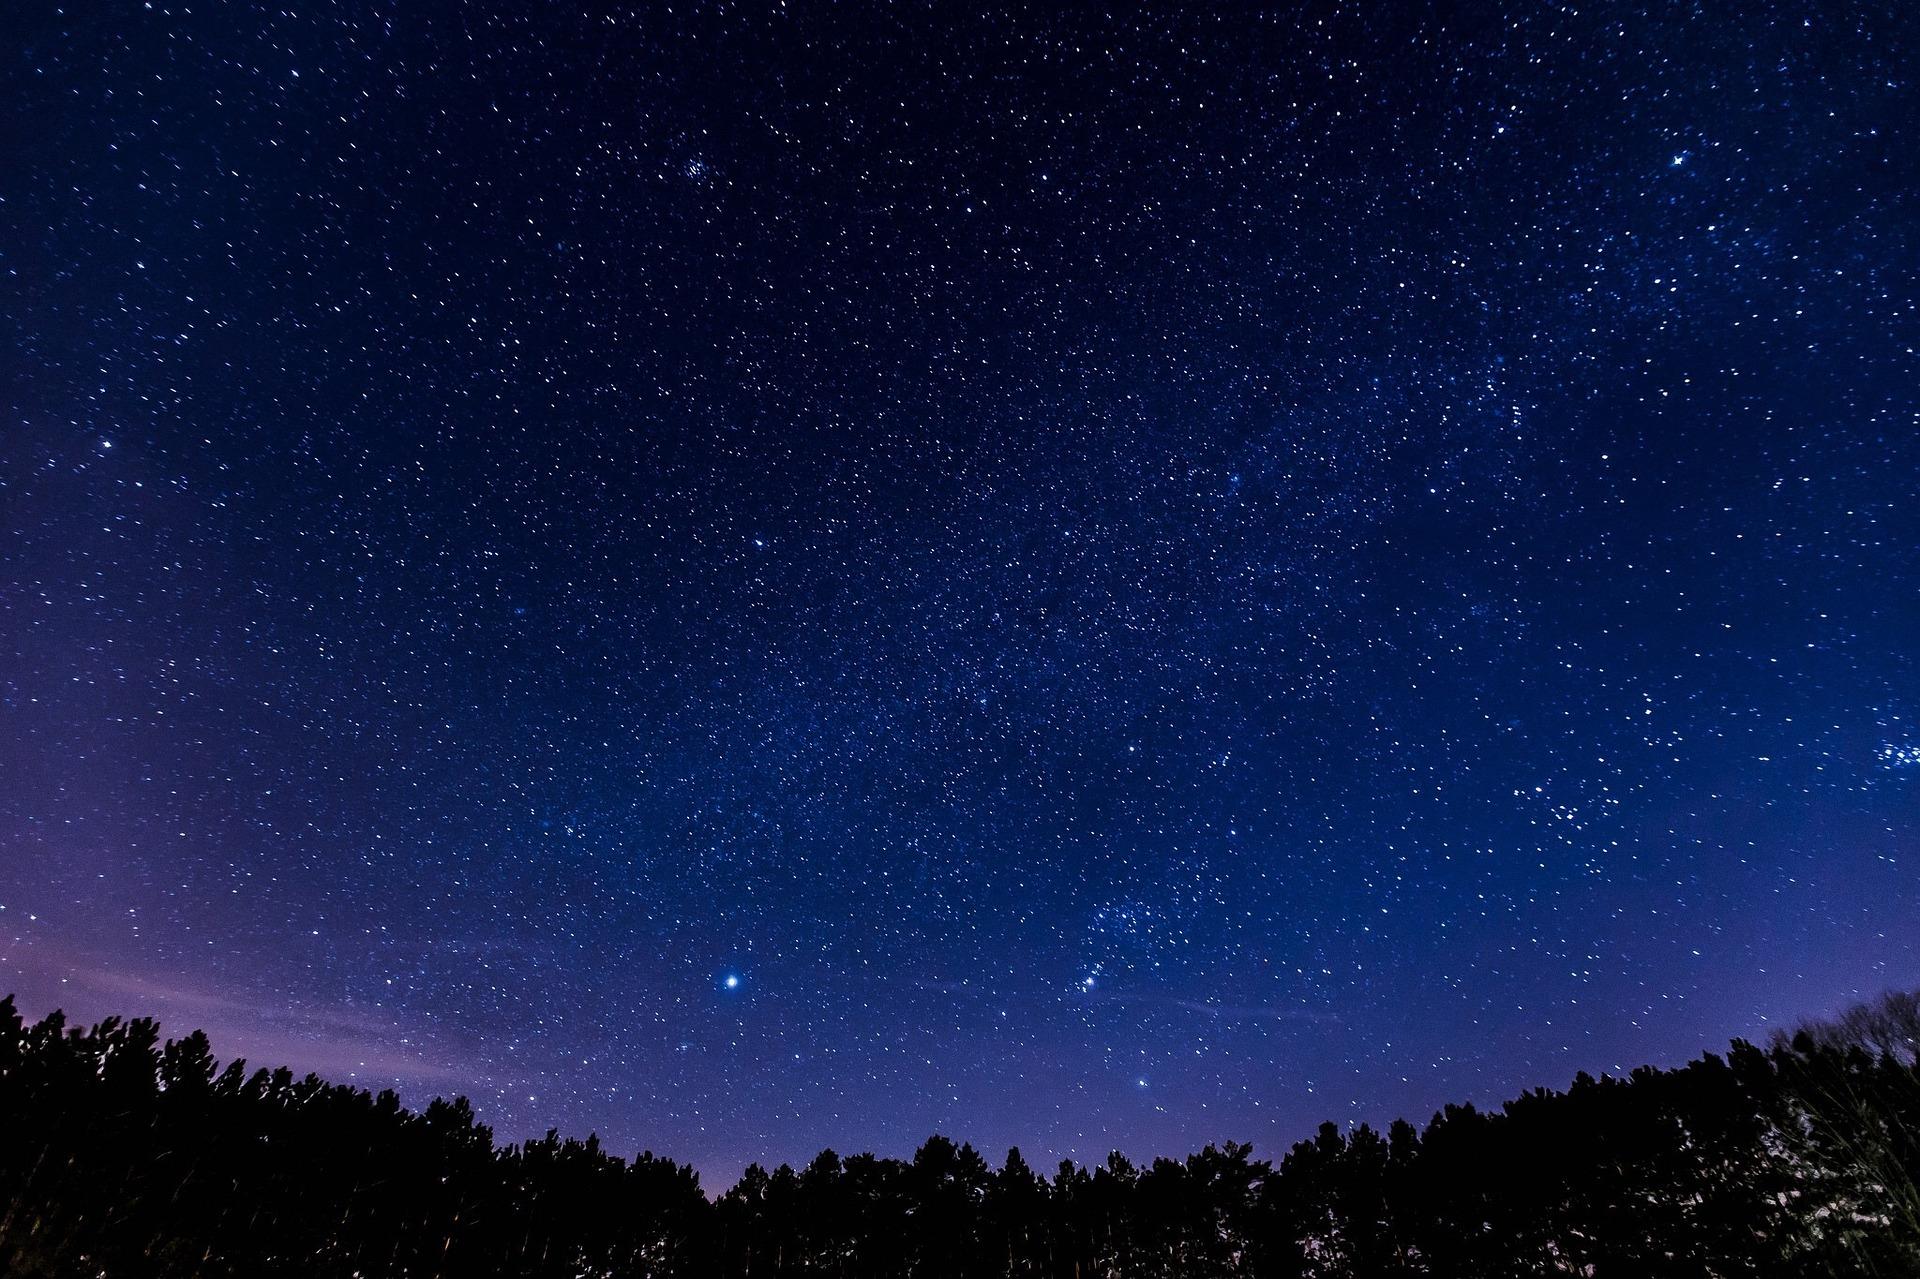 O que existe além do universo? A resposta pode dar dor de cabeça